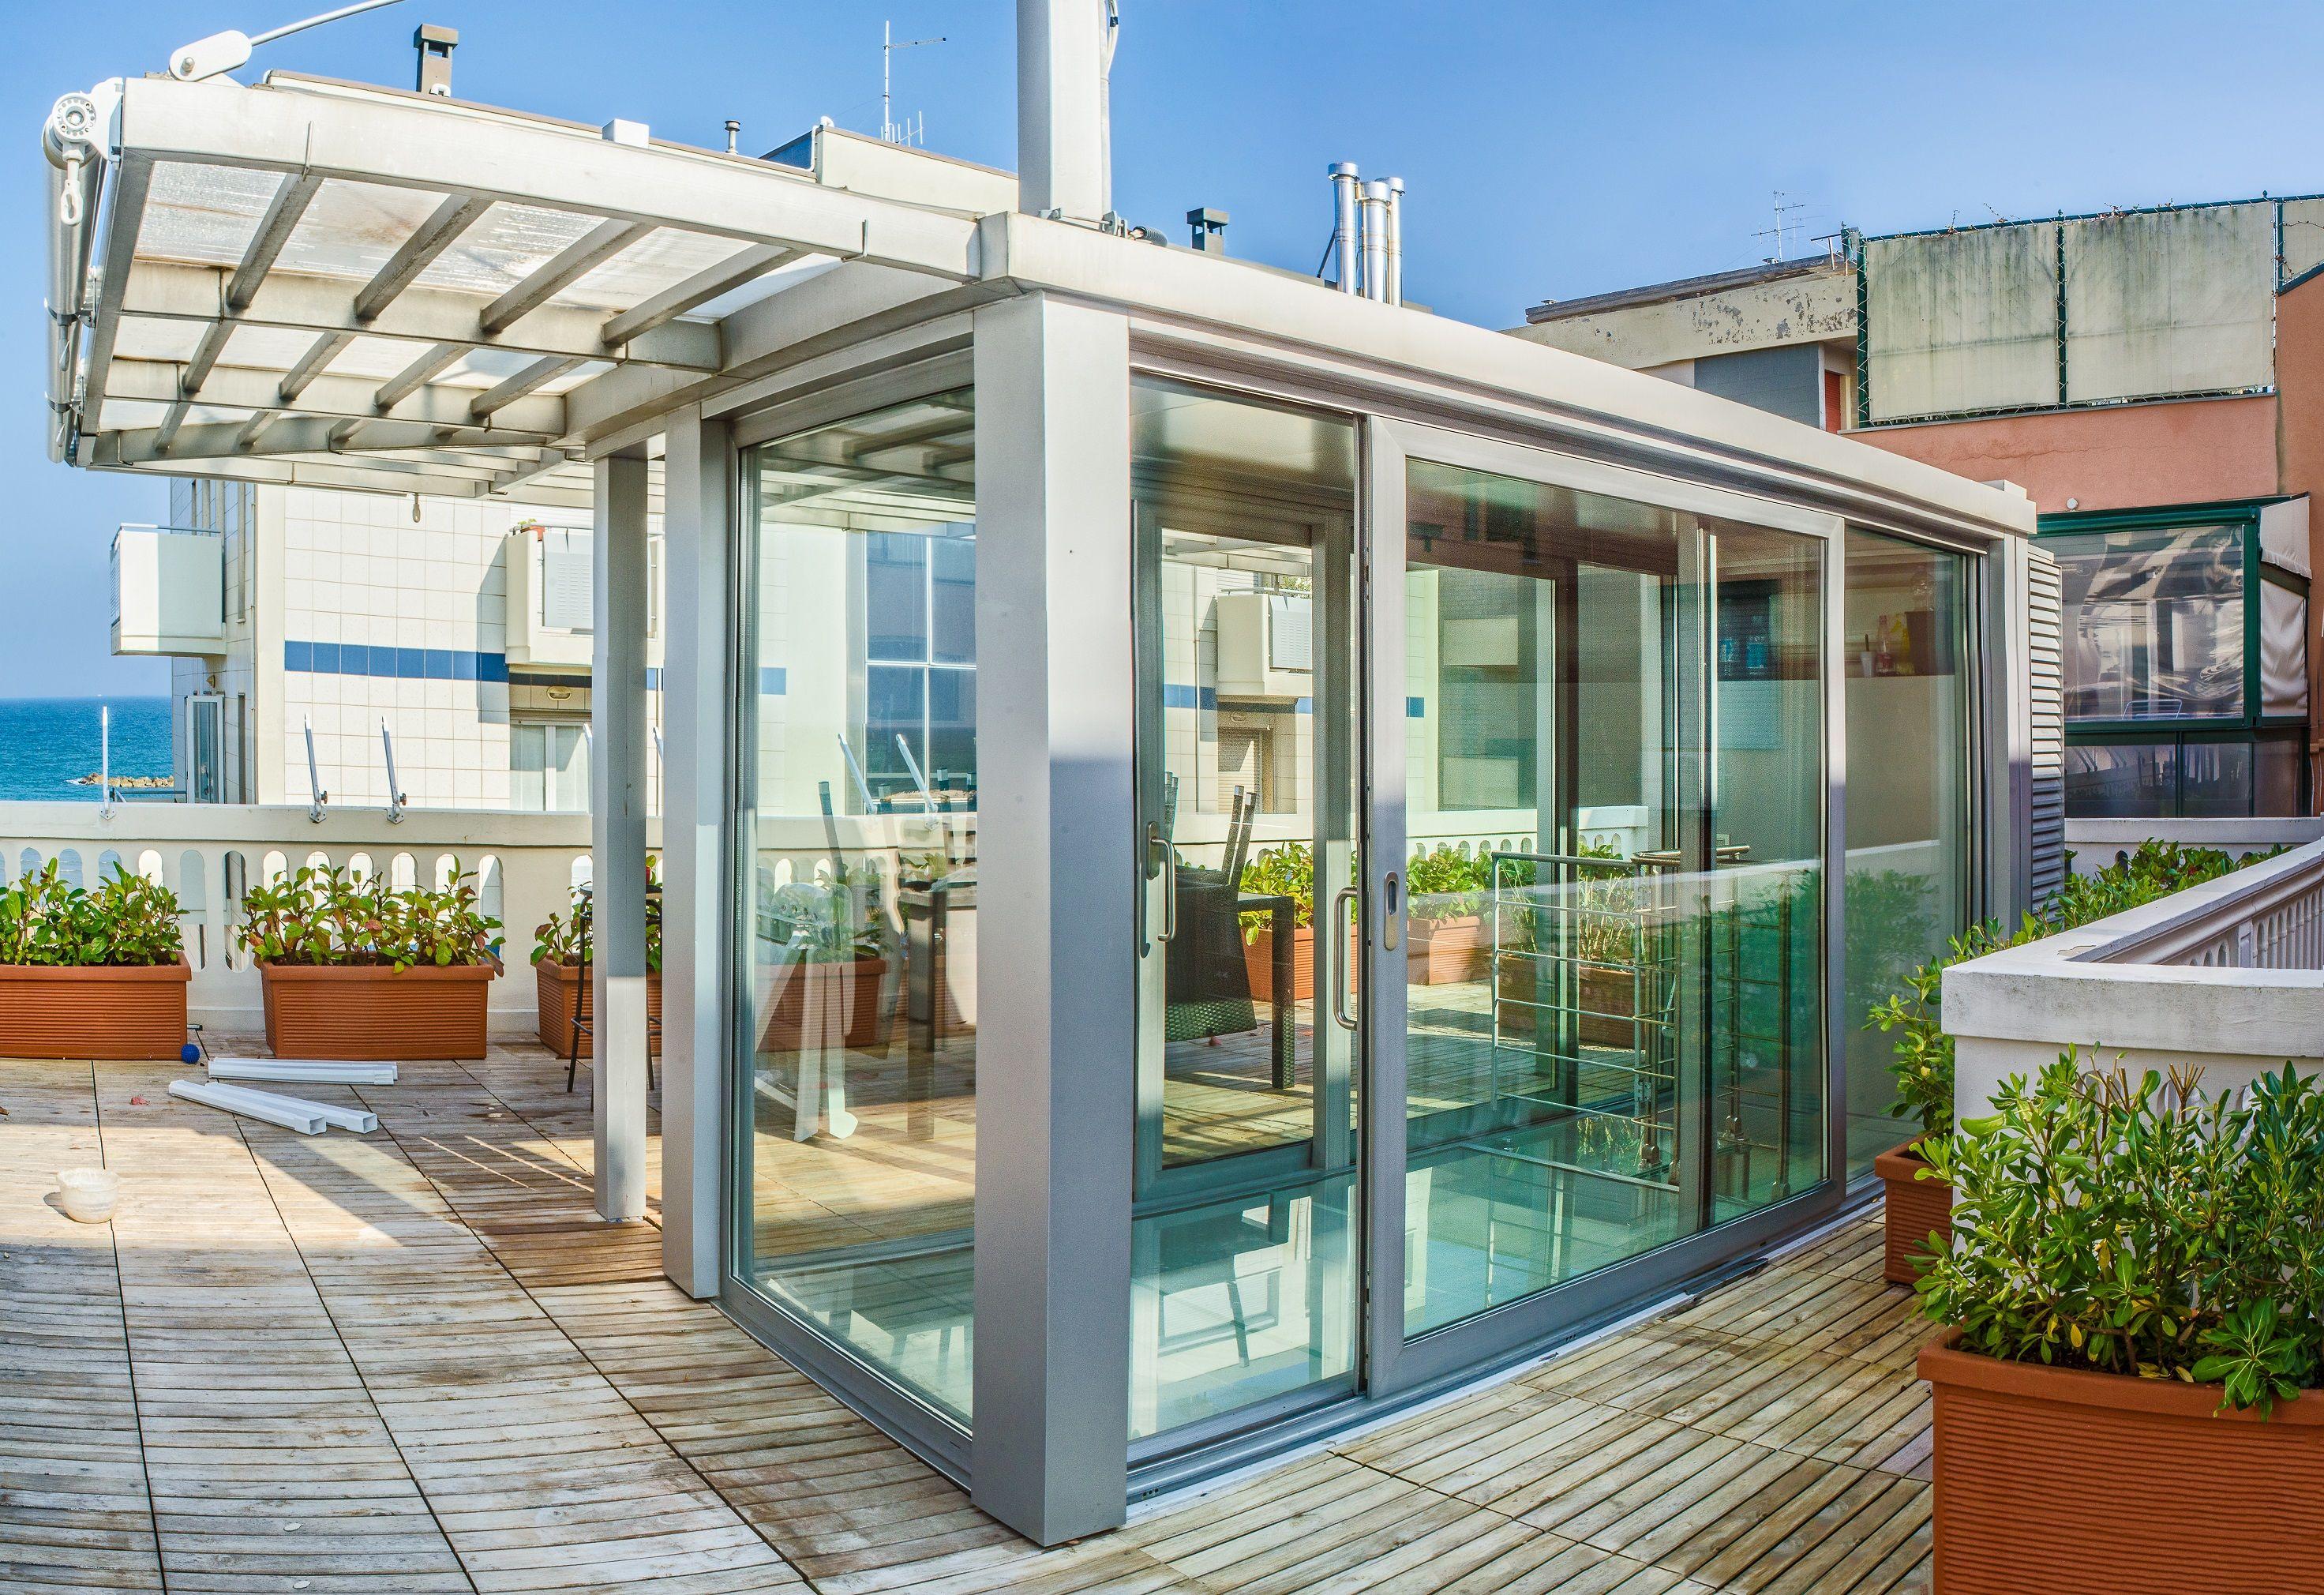 Veranda a tutta vetrata per copertura accesso scala a - Caldaia all interno dell appartamento ...